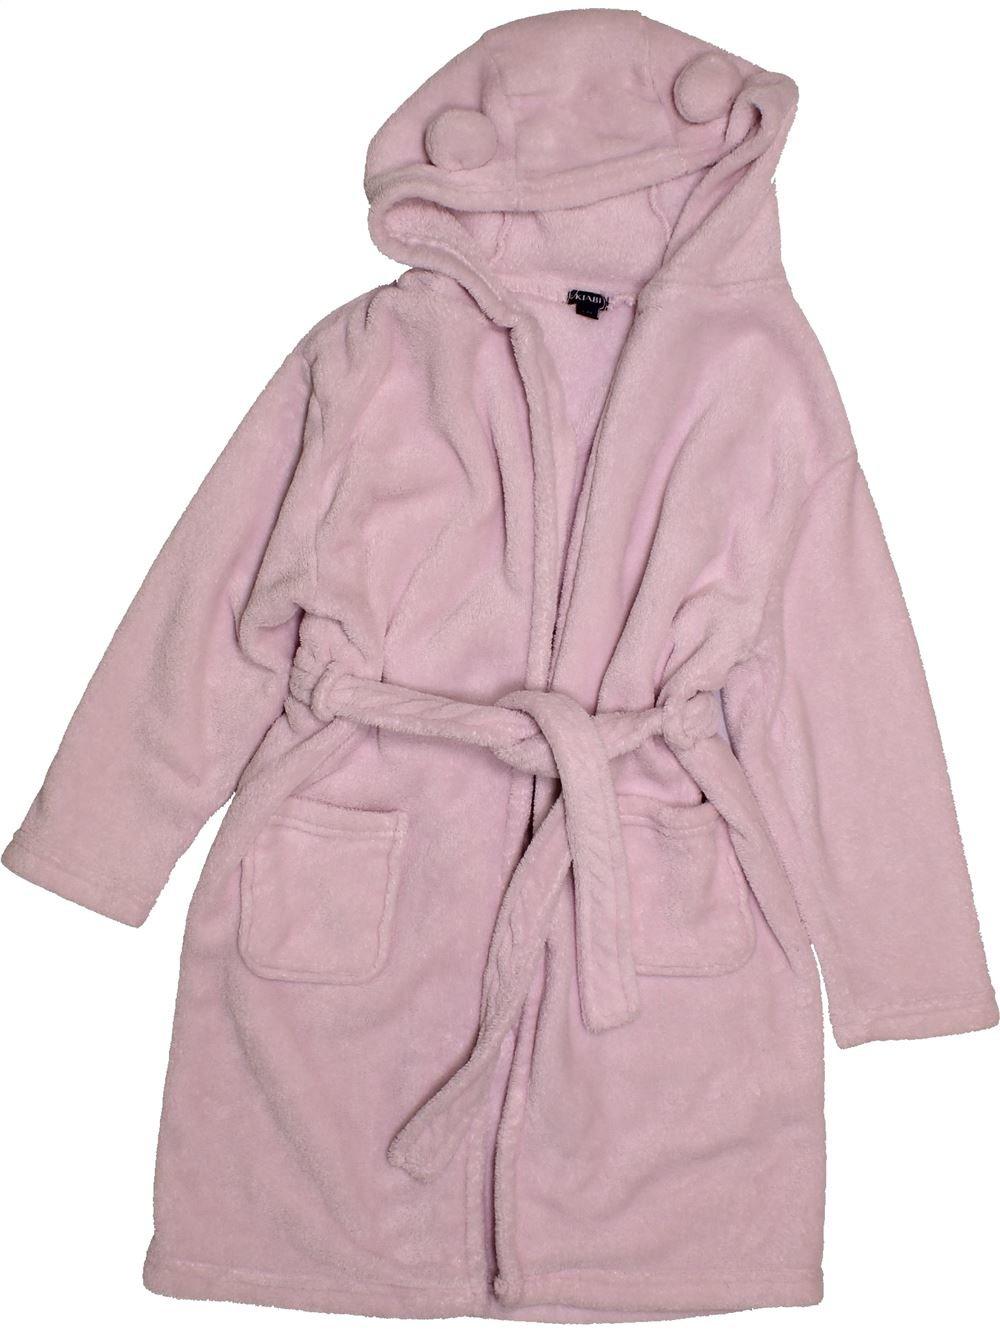 Robe De Chambre Fille Kiabi 8 Ans Pas Cher 4 49 1557854